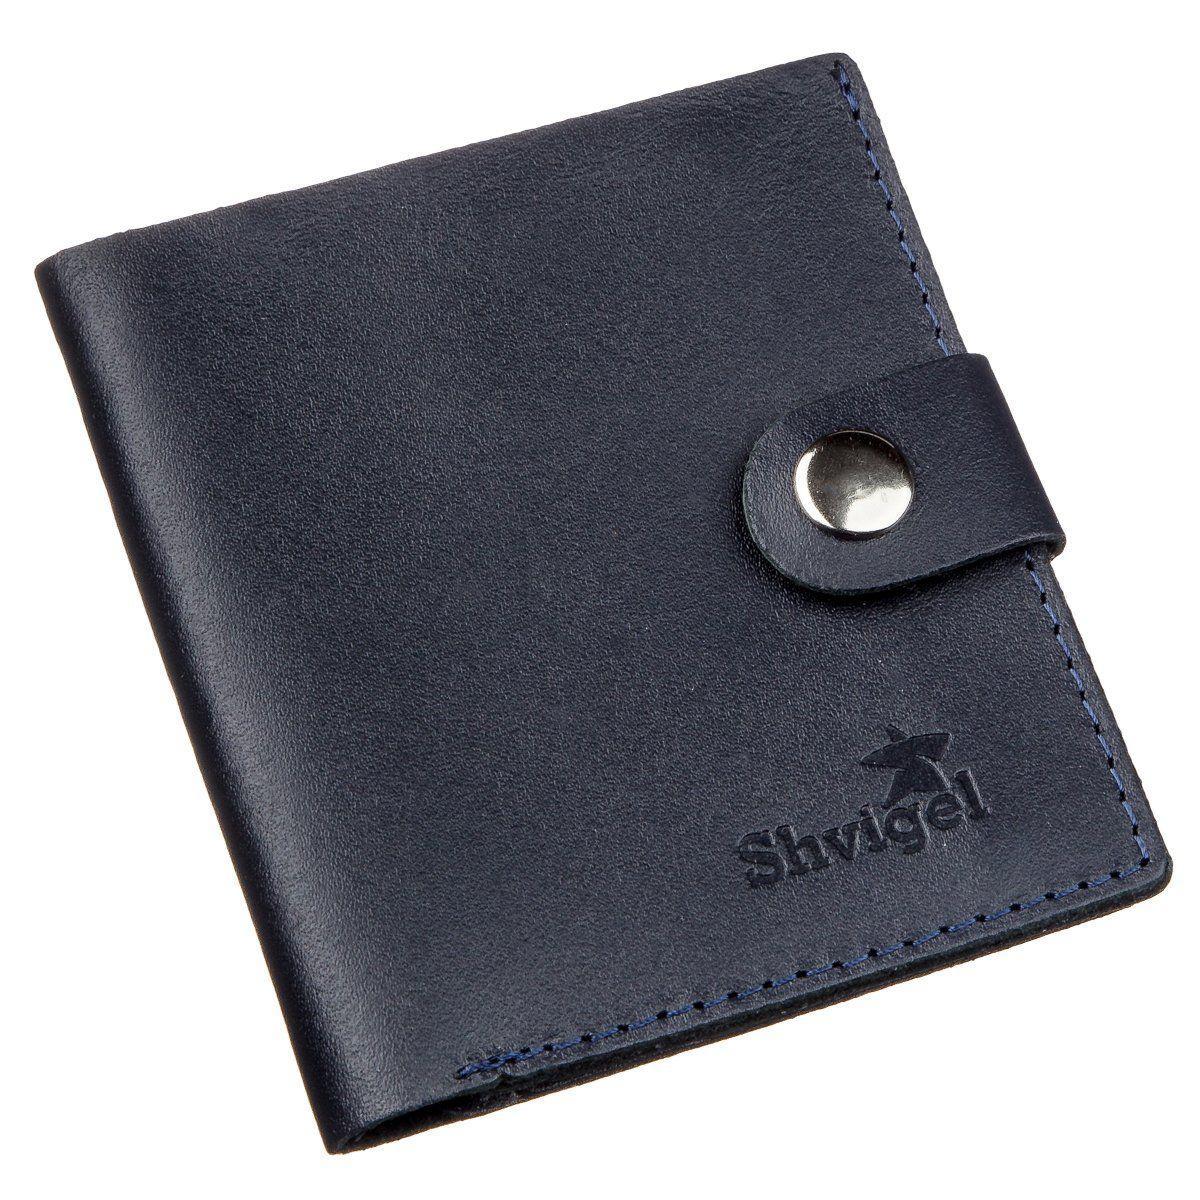 Недорогое портмоне вертикальное мужское кожаное SHVIGEL 16220 Синее